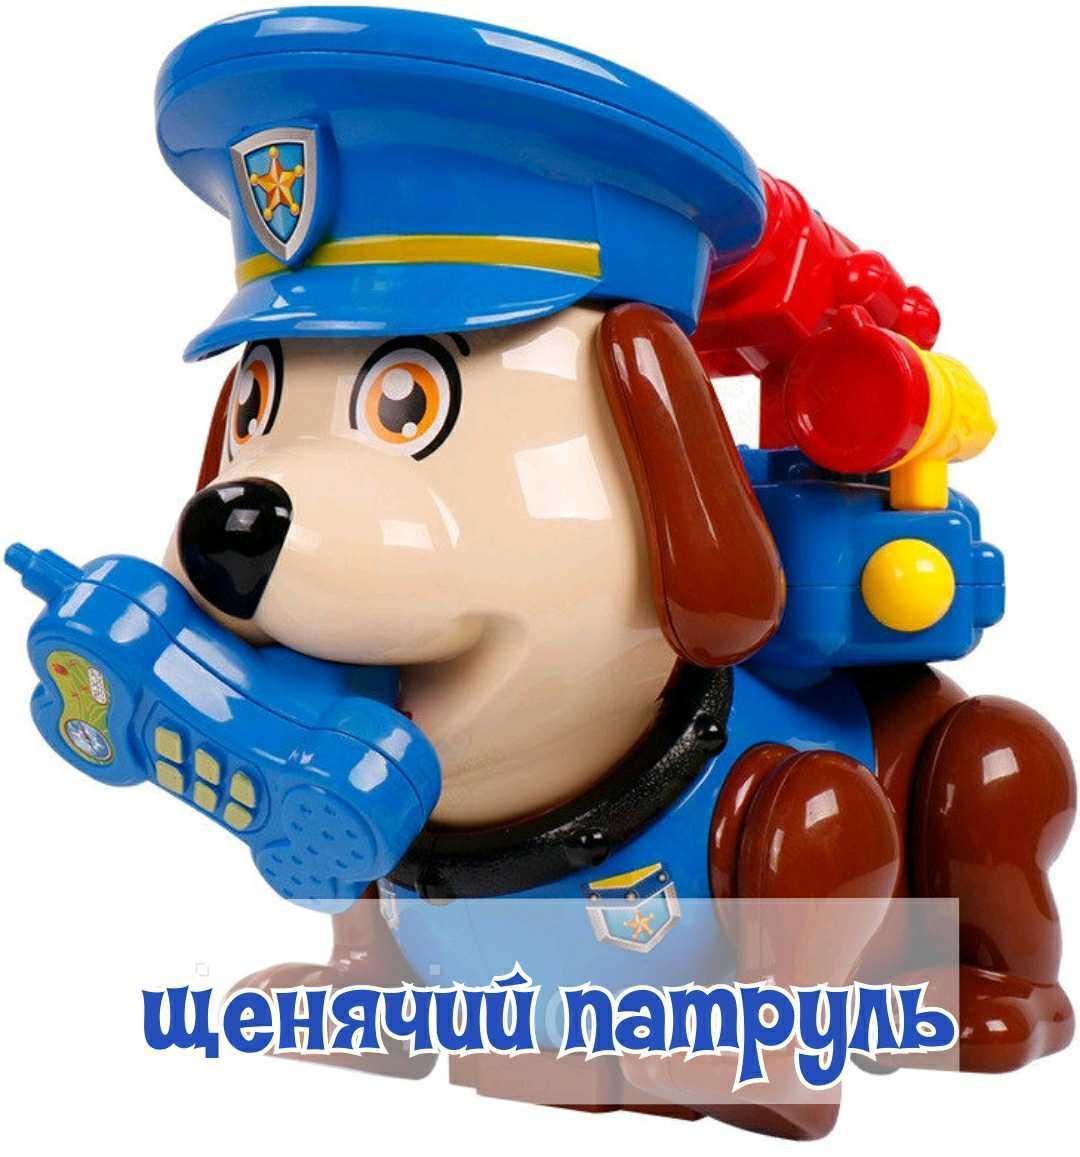 Щенячий патруль любимчик Гончик на радиоуправлении - Магазин детских игрушек kidstoys3-16 в Харкові